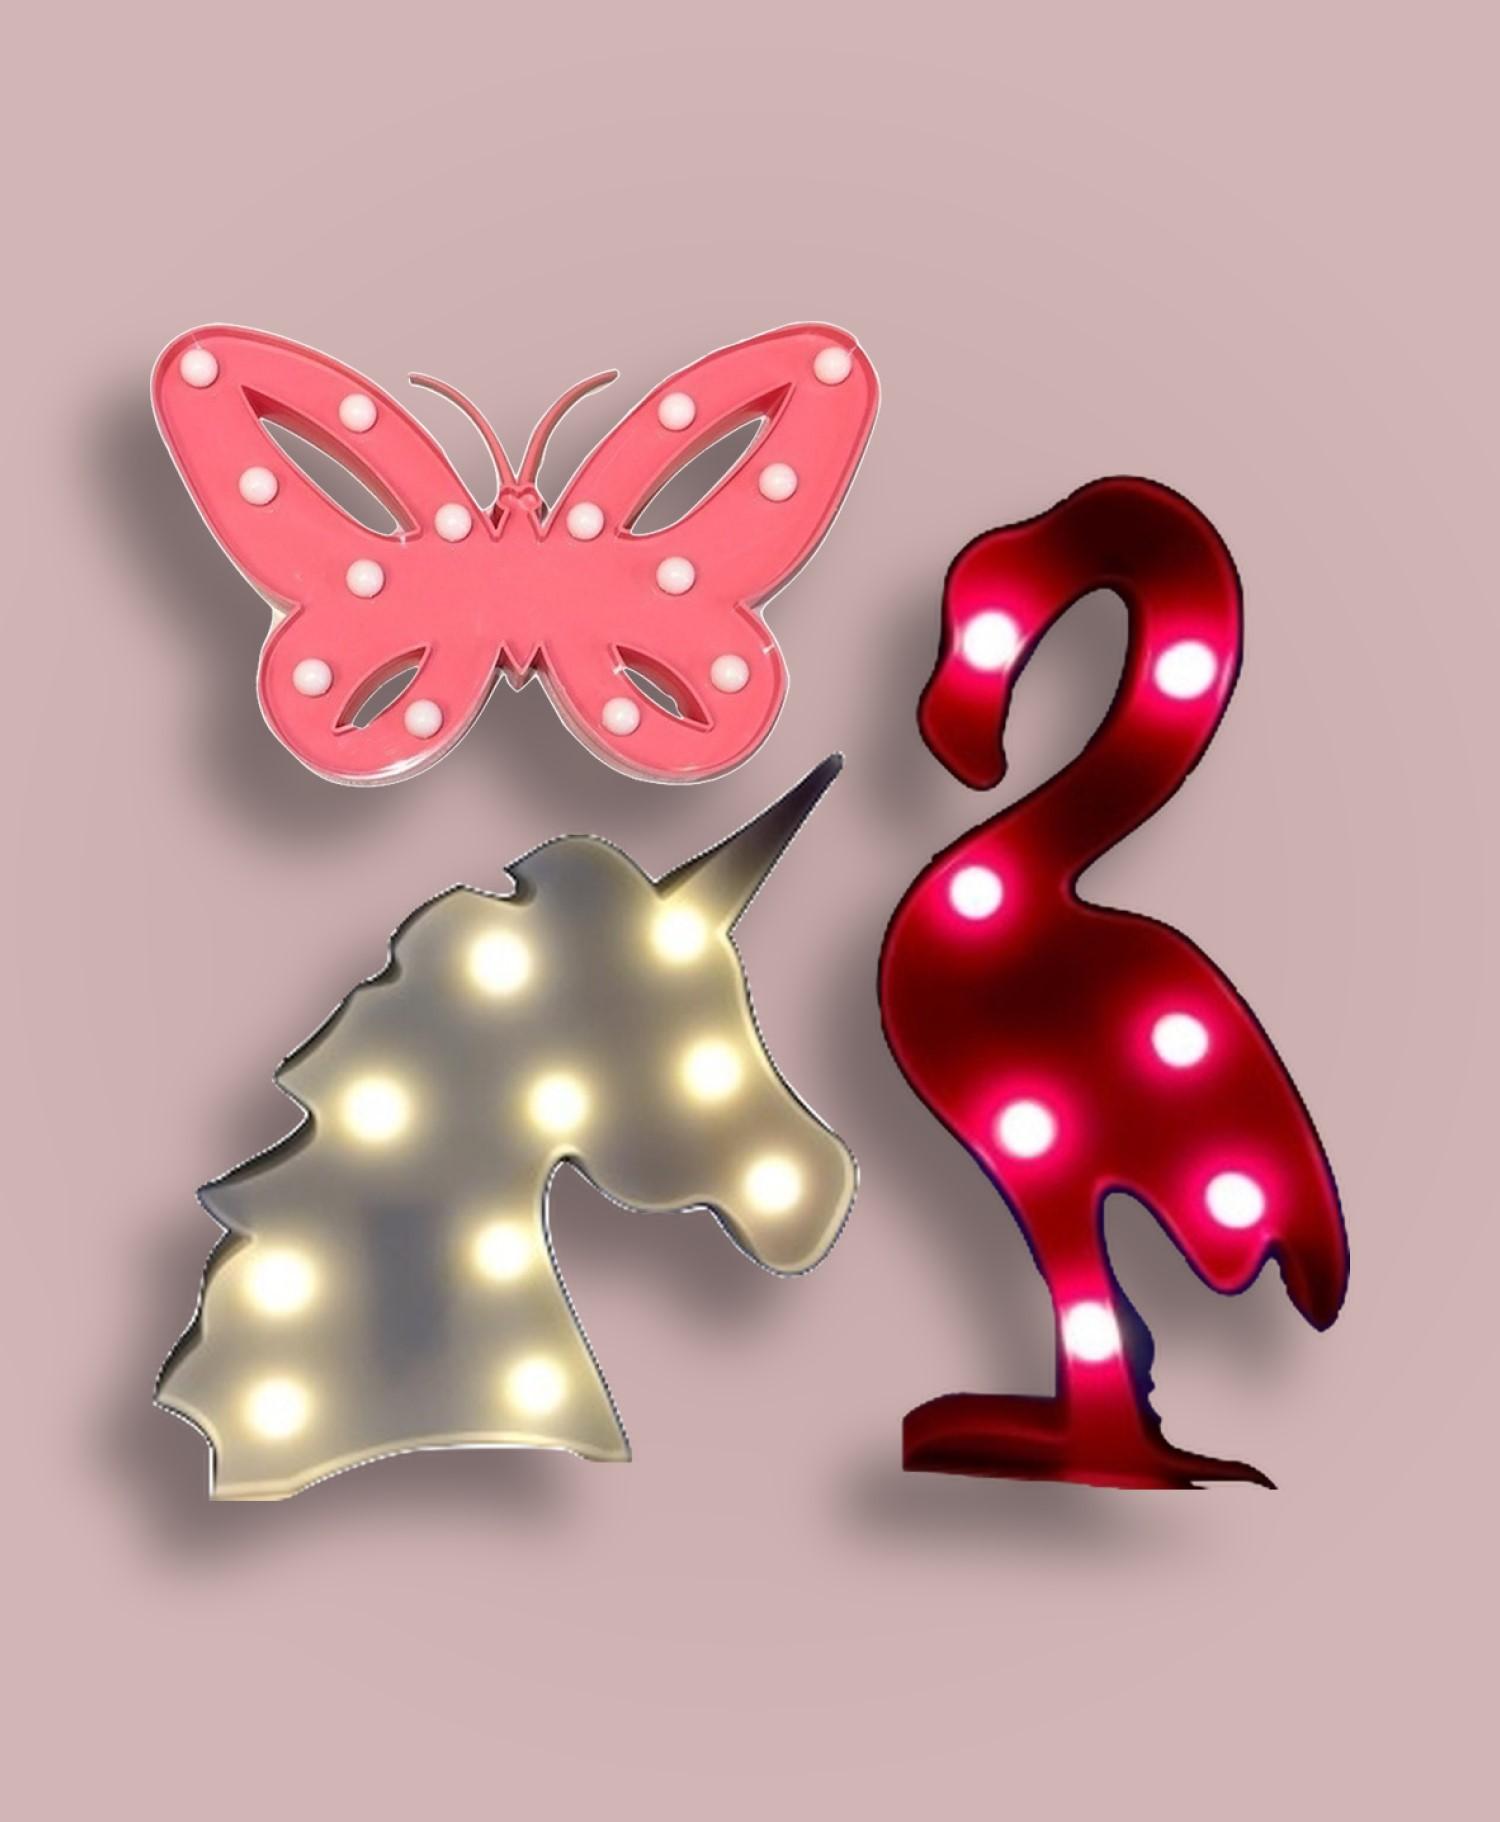 Cadeau de Noël pour fille: des décorations cool avec des ampoules brillantes.